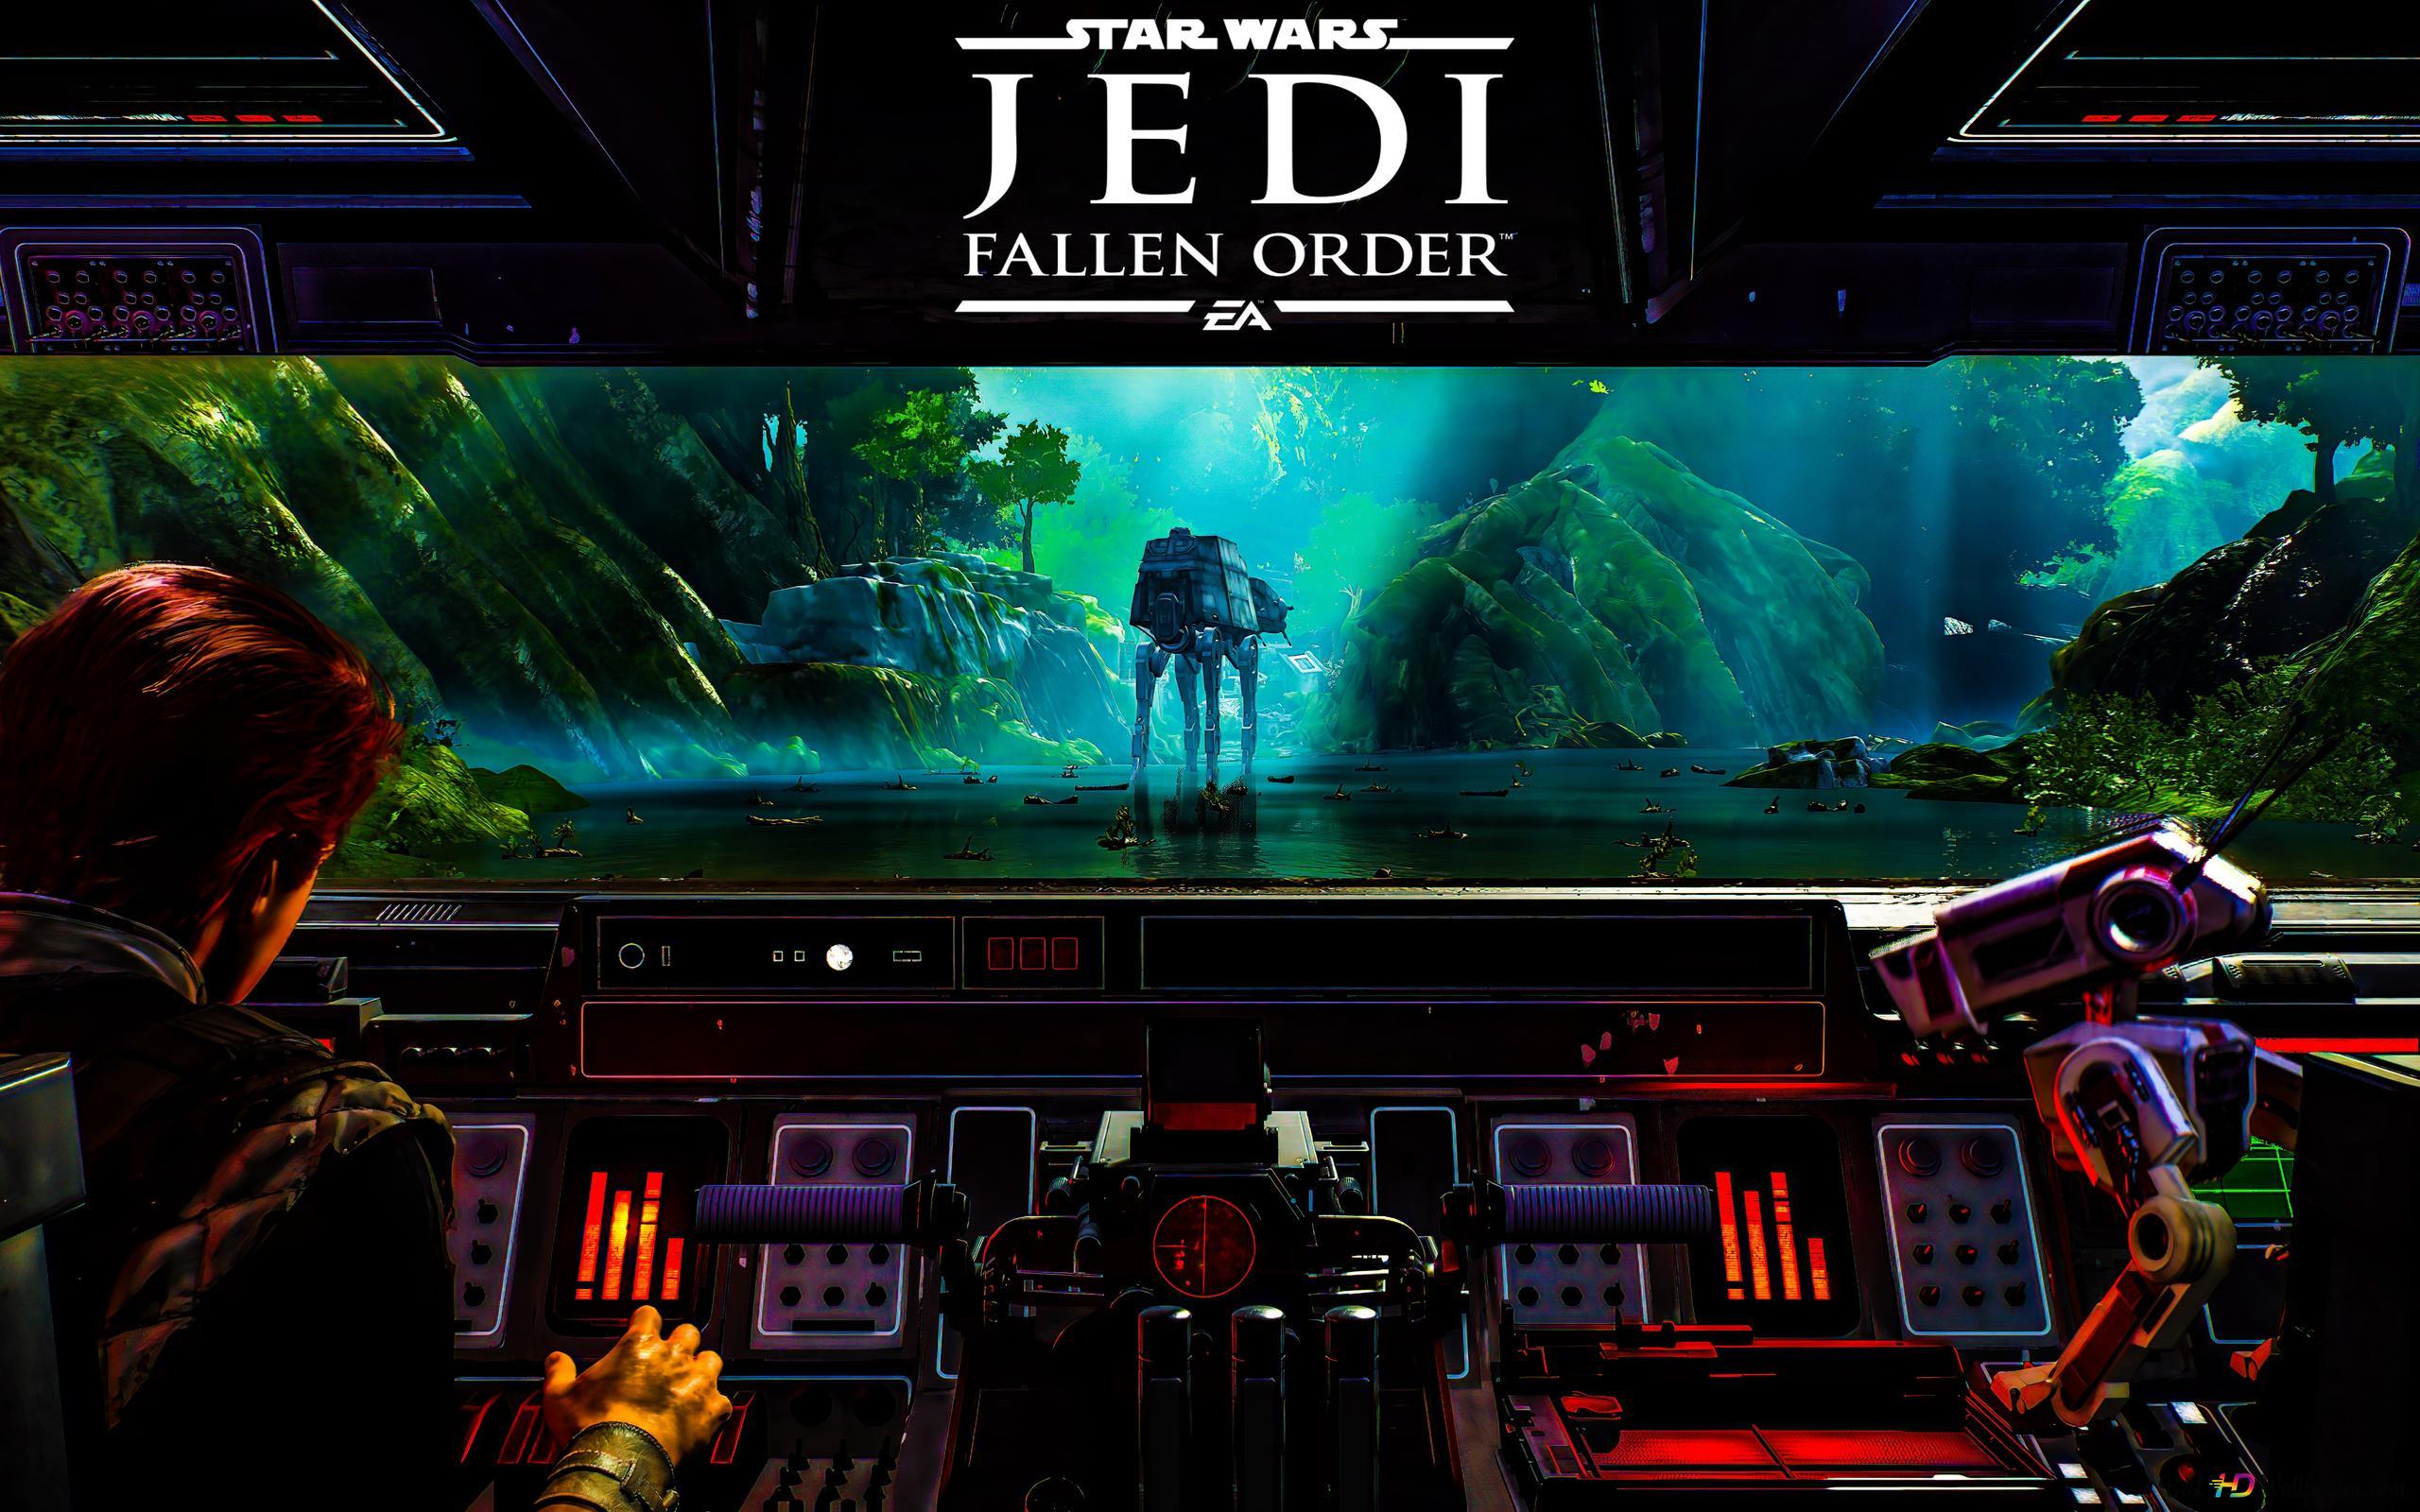 Star Wars Jedi Fallen Order 04 8k 4k Wallpaper Hd Wallpaper Download